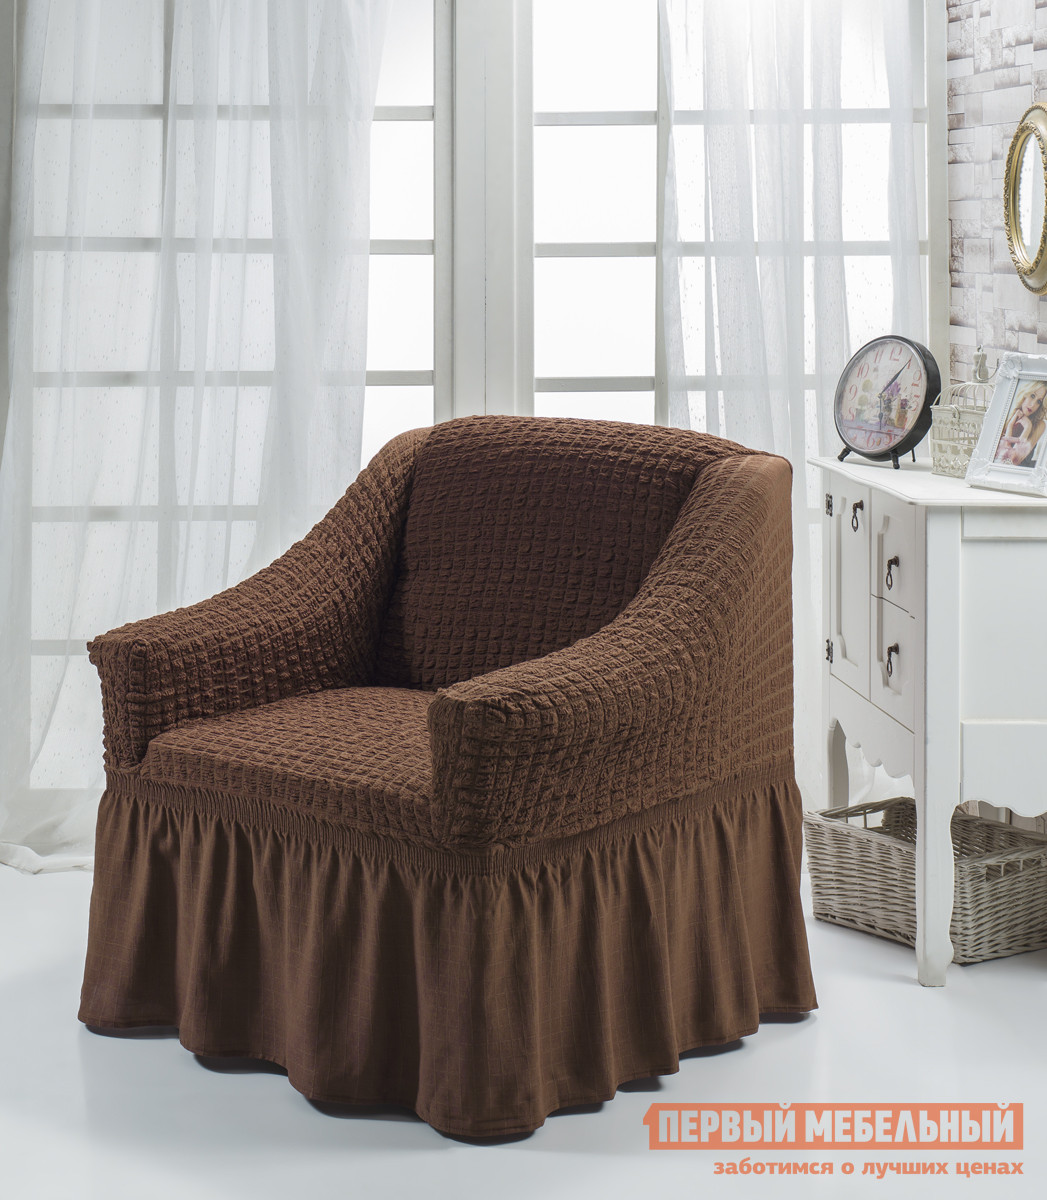 Чехол для мебели  кресла Стамбул Коричневый KARNA 83594